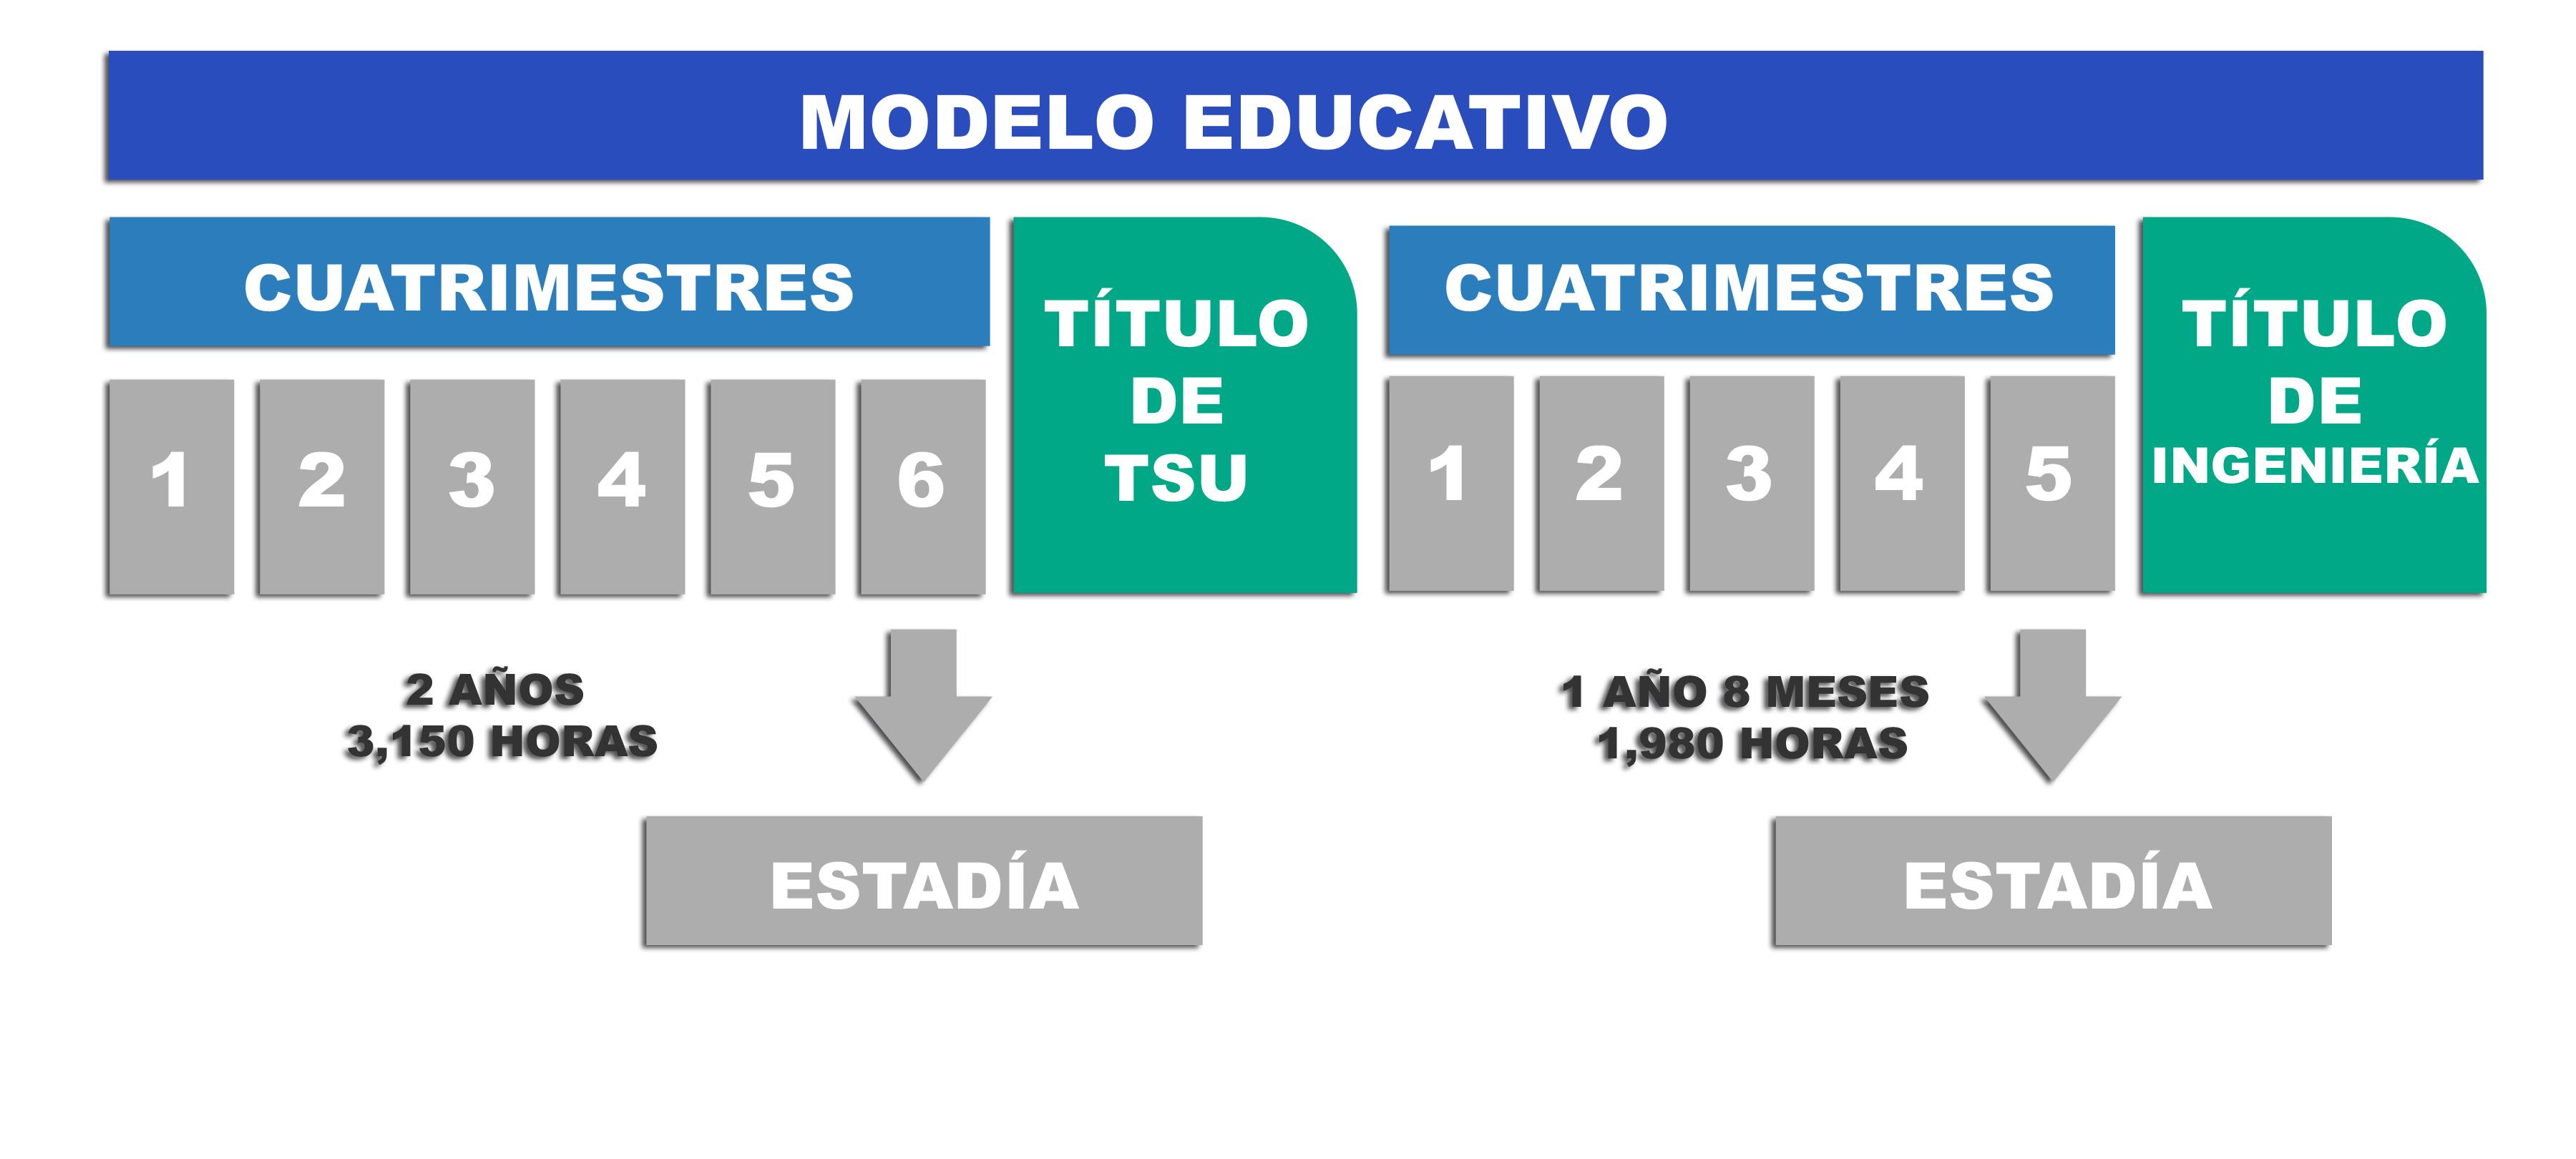 Ilastracion de Modelo Educativo